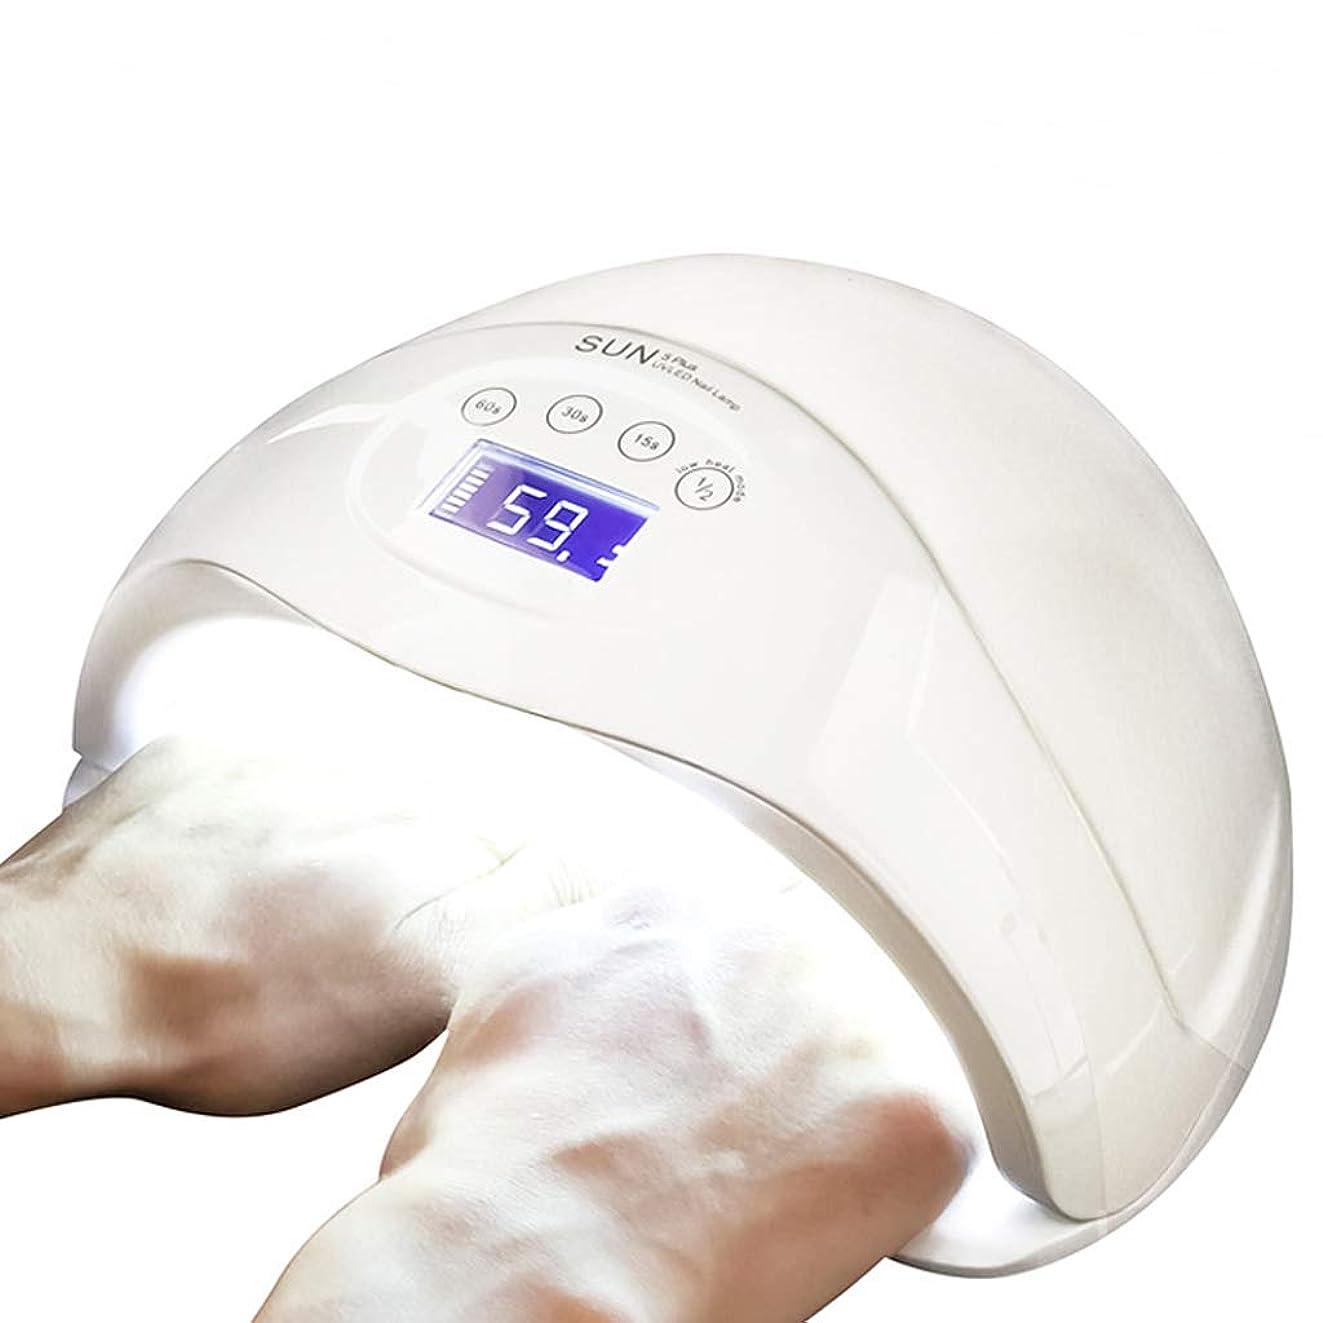 予知何よりも勇気マニキュアマシン日光治療マシン、48Wハイパワーインテリジェントな誘導ネイルオイル接着剤2手手焼きランプ